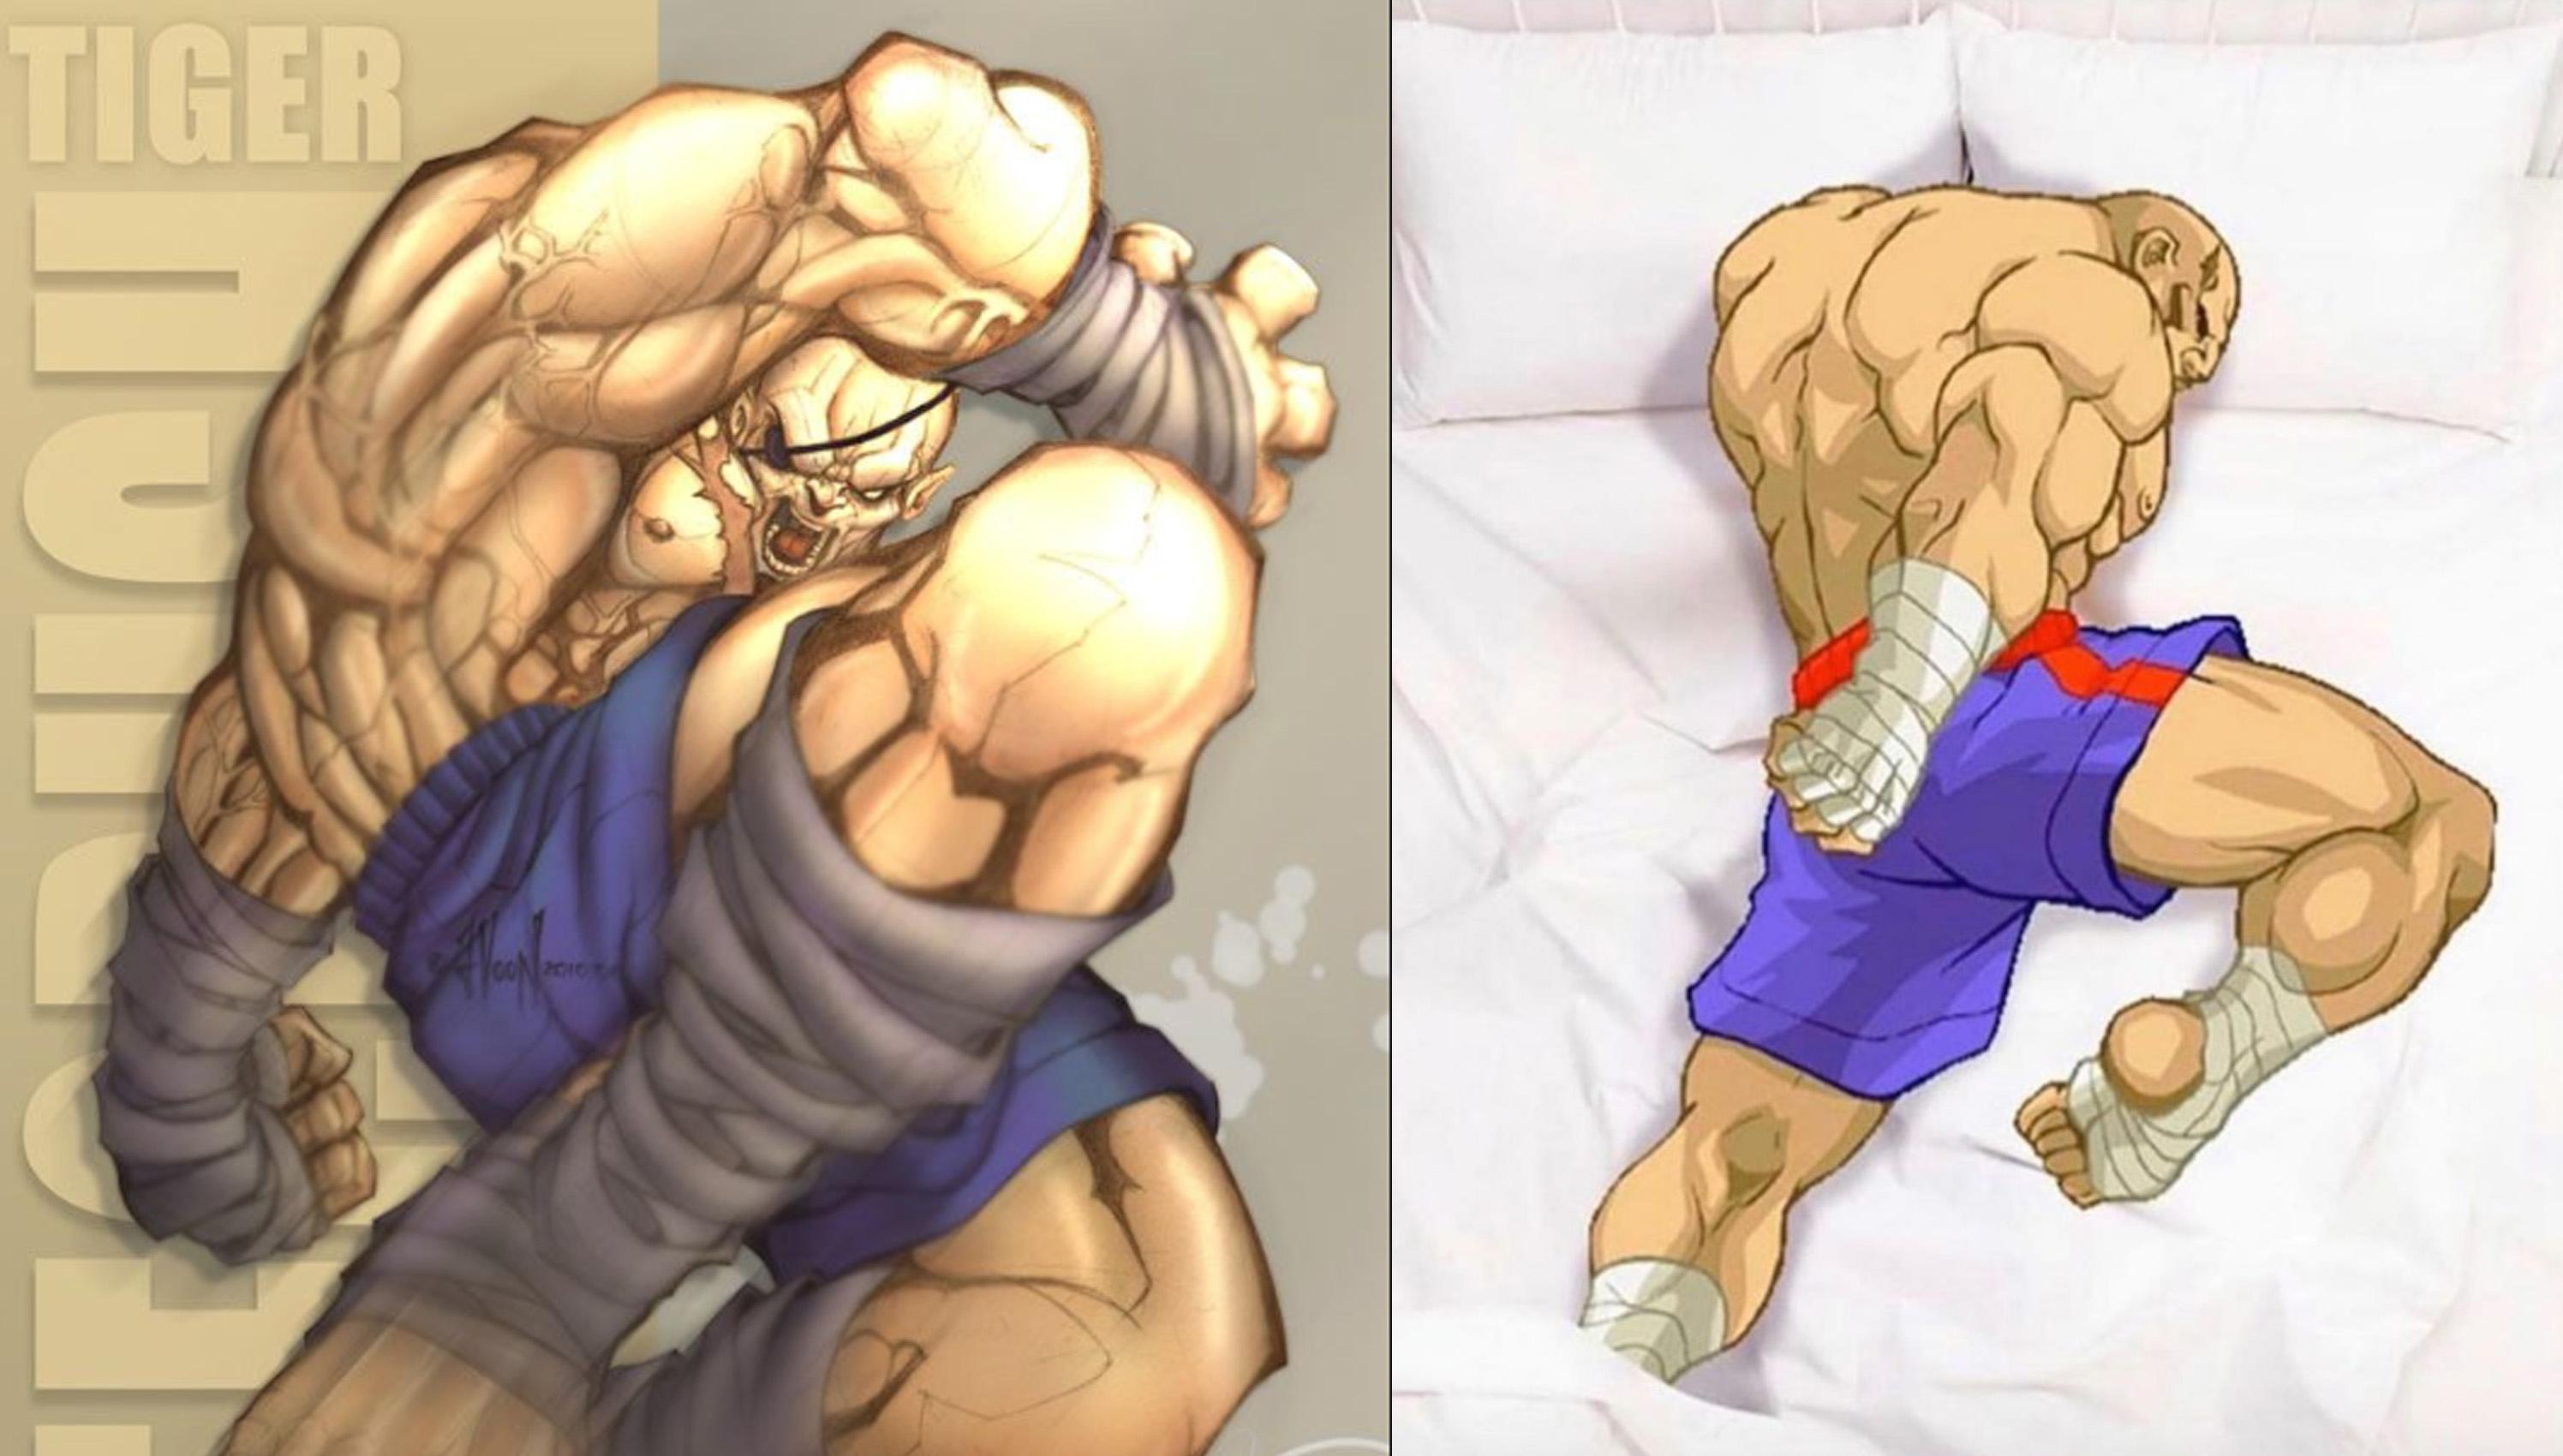 真的超像一個好睡的姿勢。(圖源:Capcom)